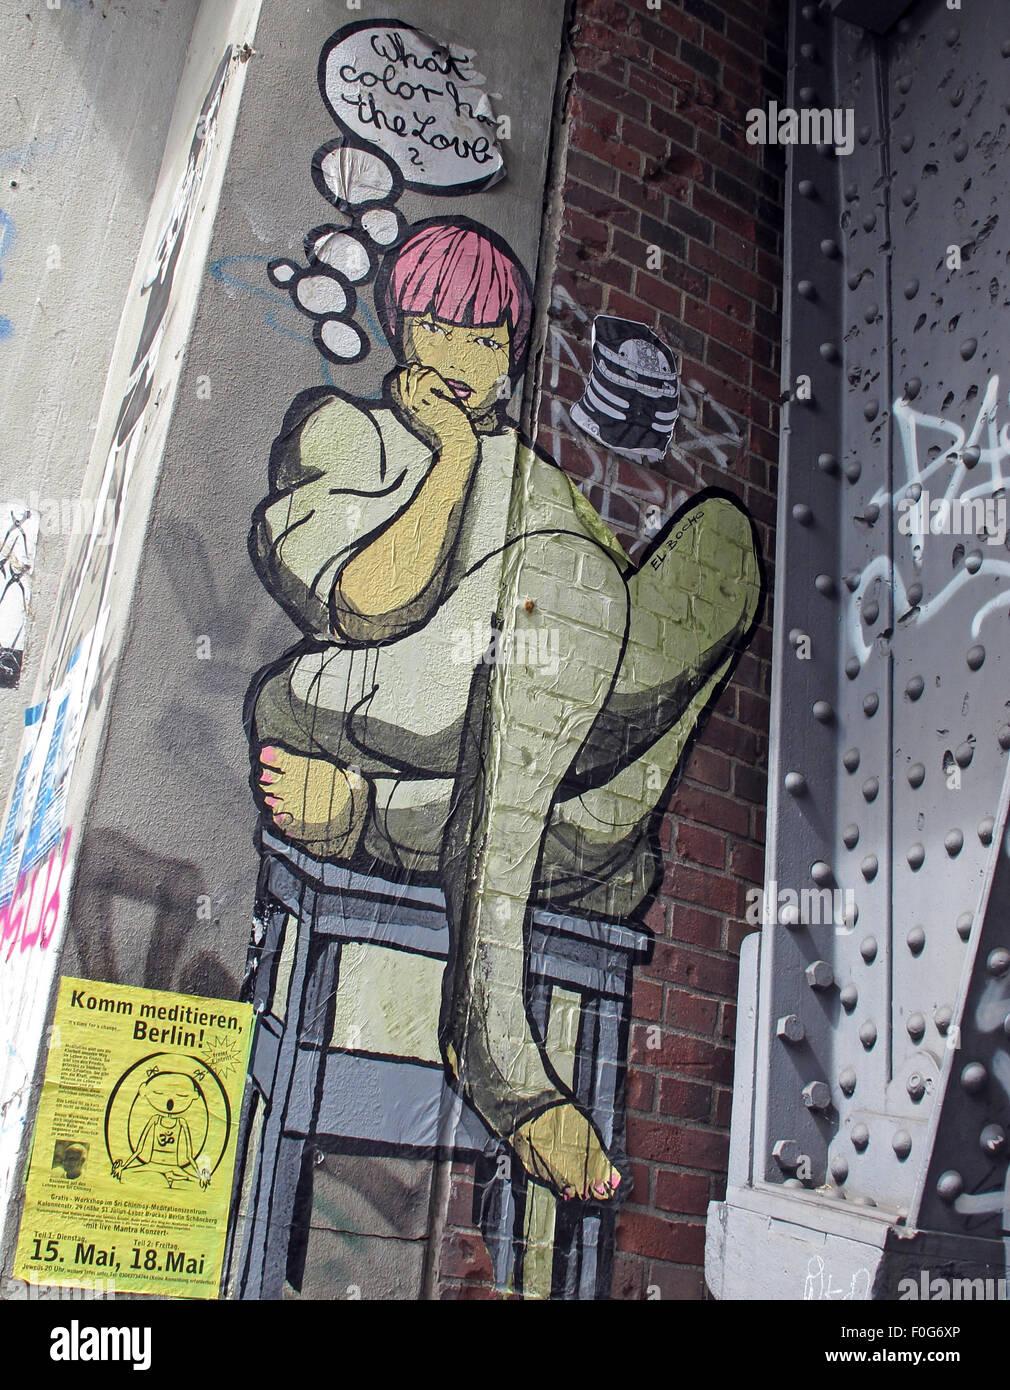 Laden Sie dieses Alamy Stockfoto Berlin-Mitte, Streetart an Wänden, Deutschland - Girl sitzt Crosslegged auf Tisch was Farbe hat die Liebe? - F0G6XP